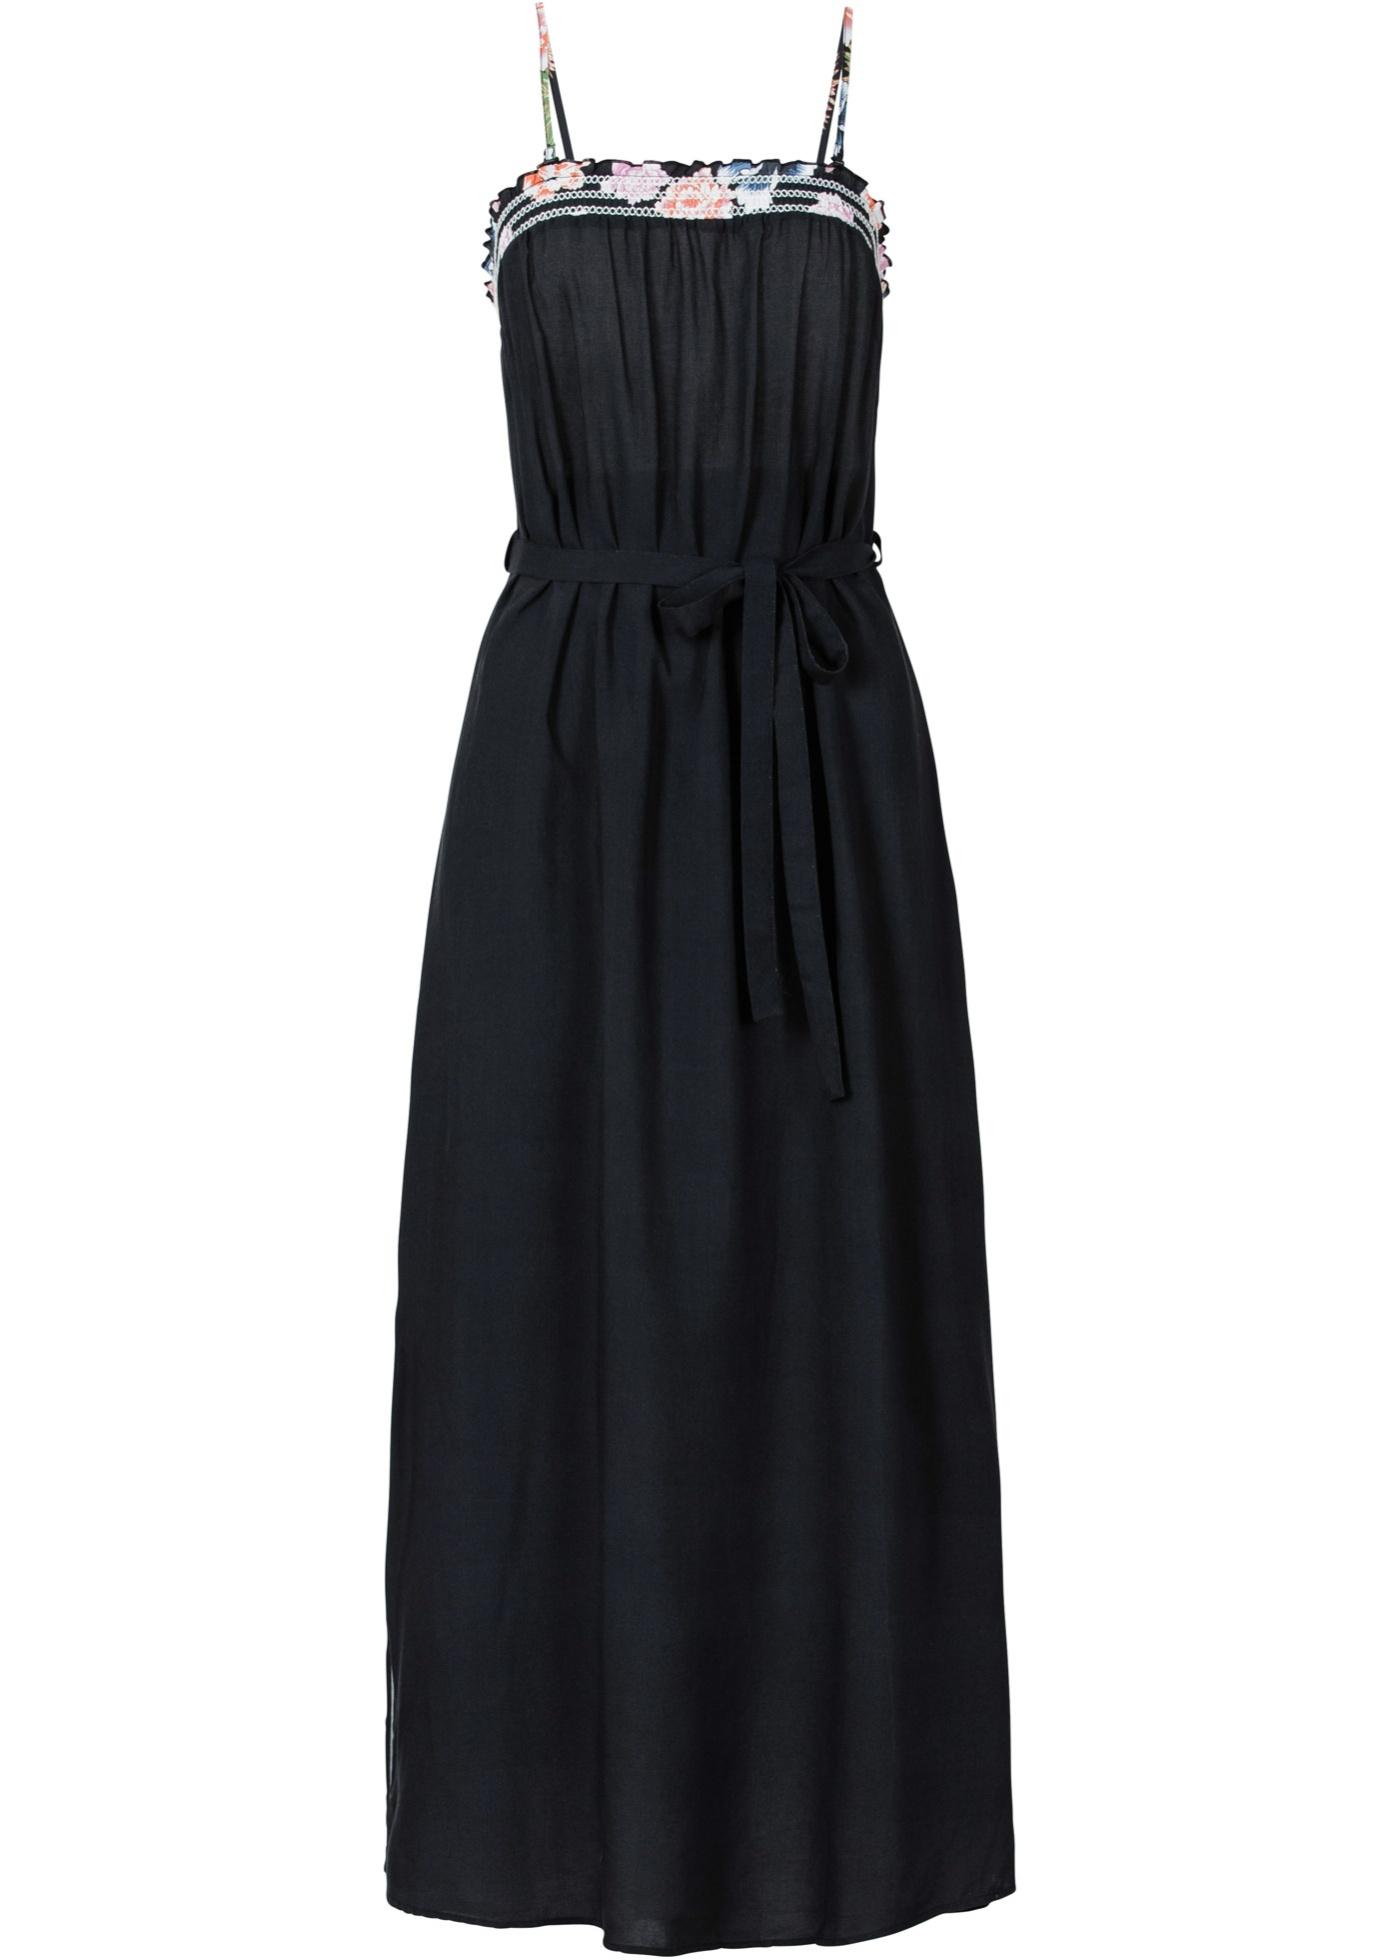 Kleid ohne Ärmel  in schwarz (Rundhals) von bonprix